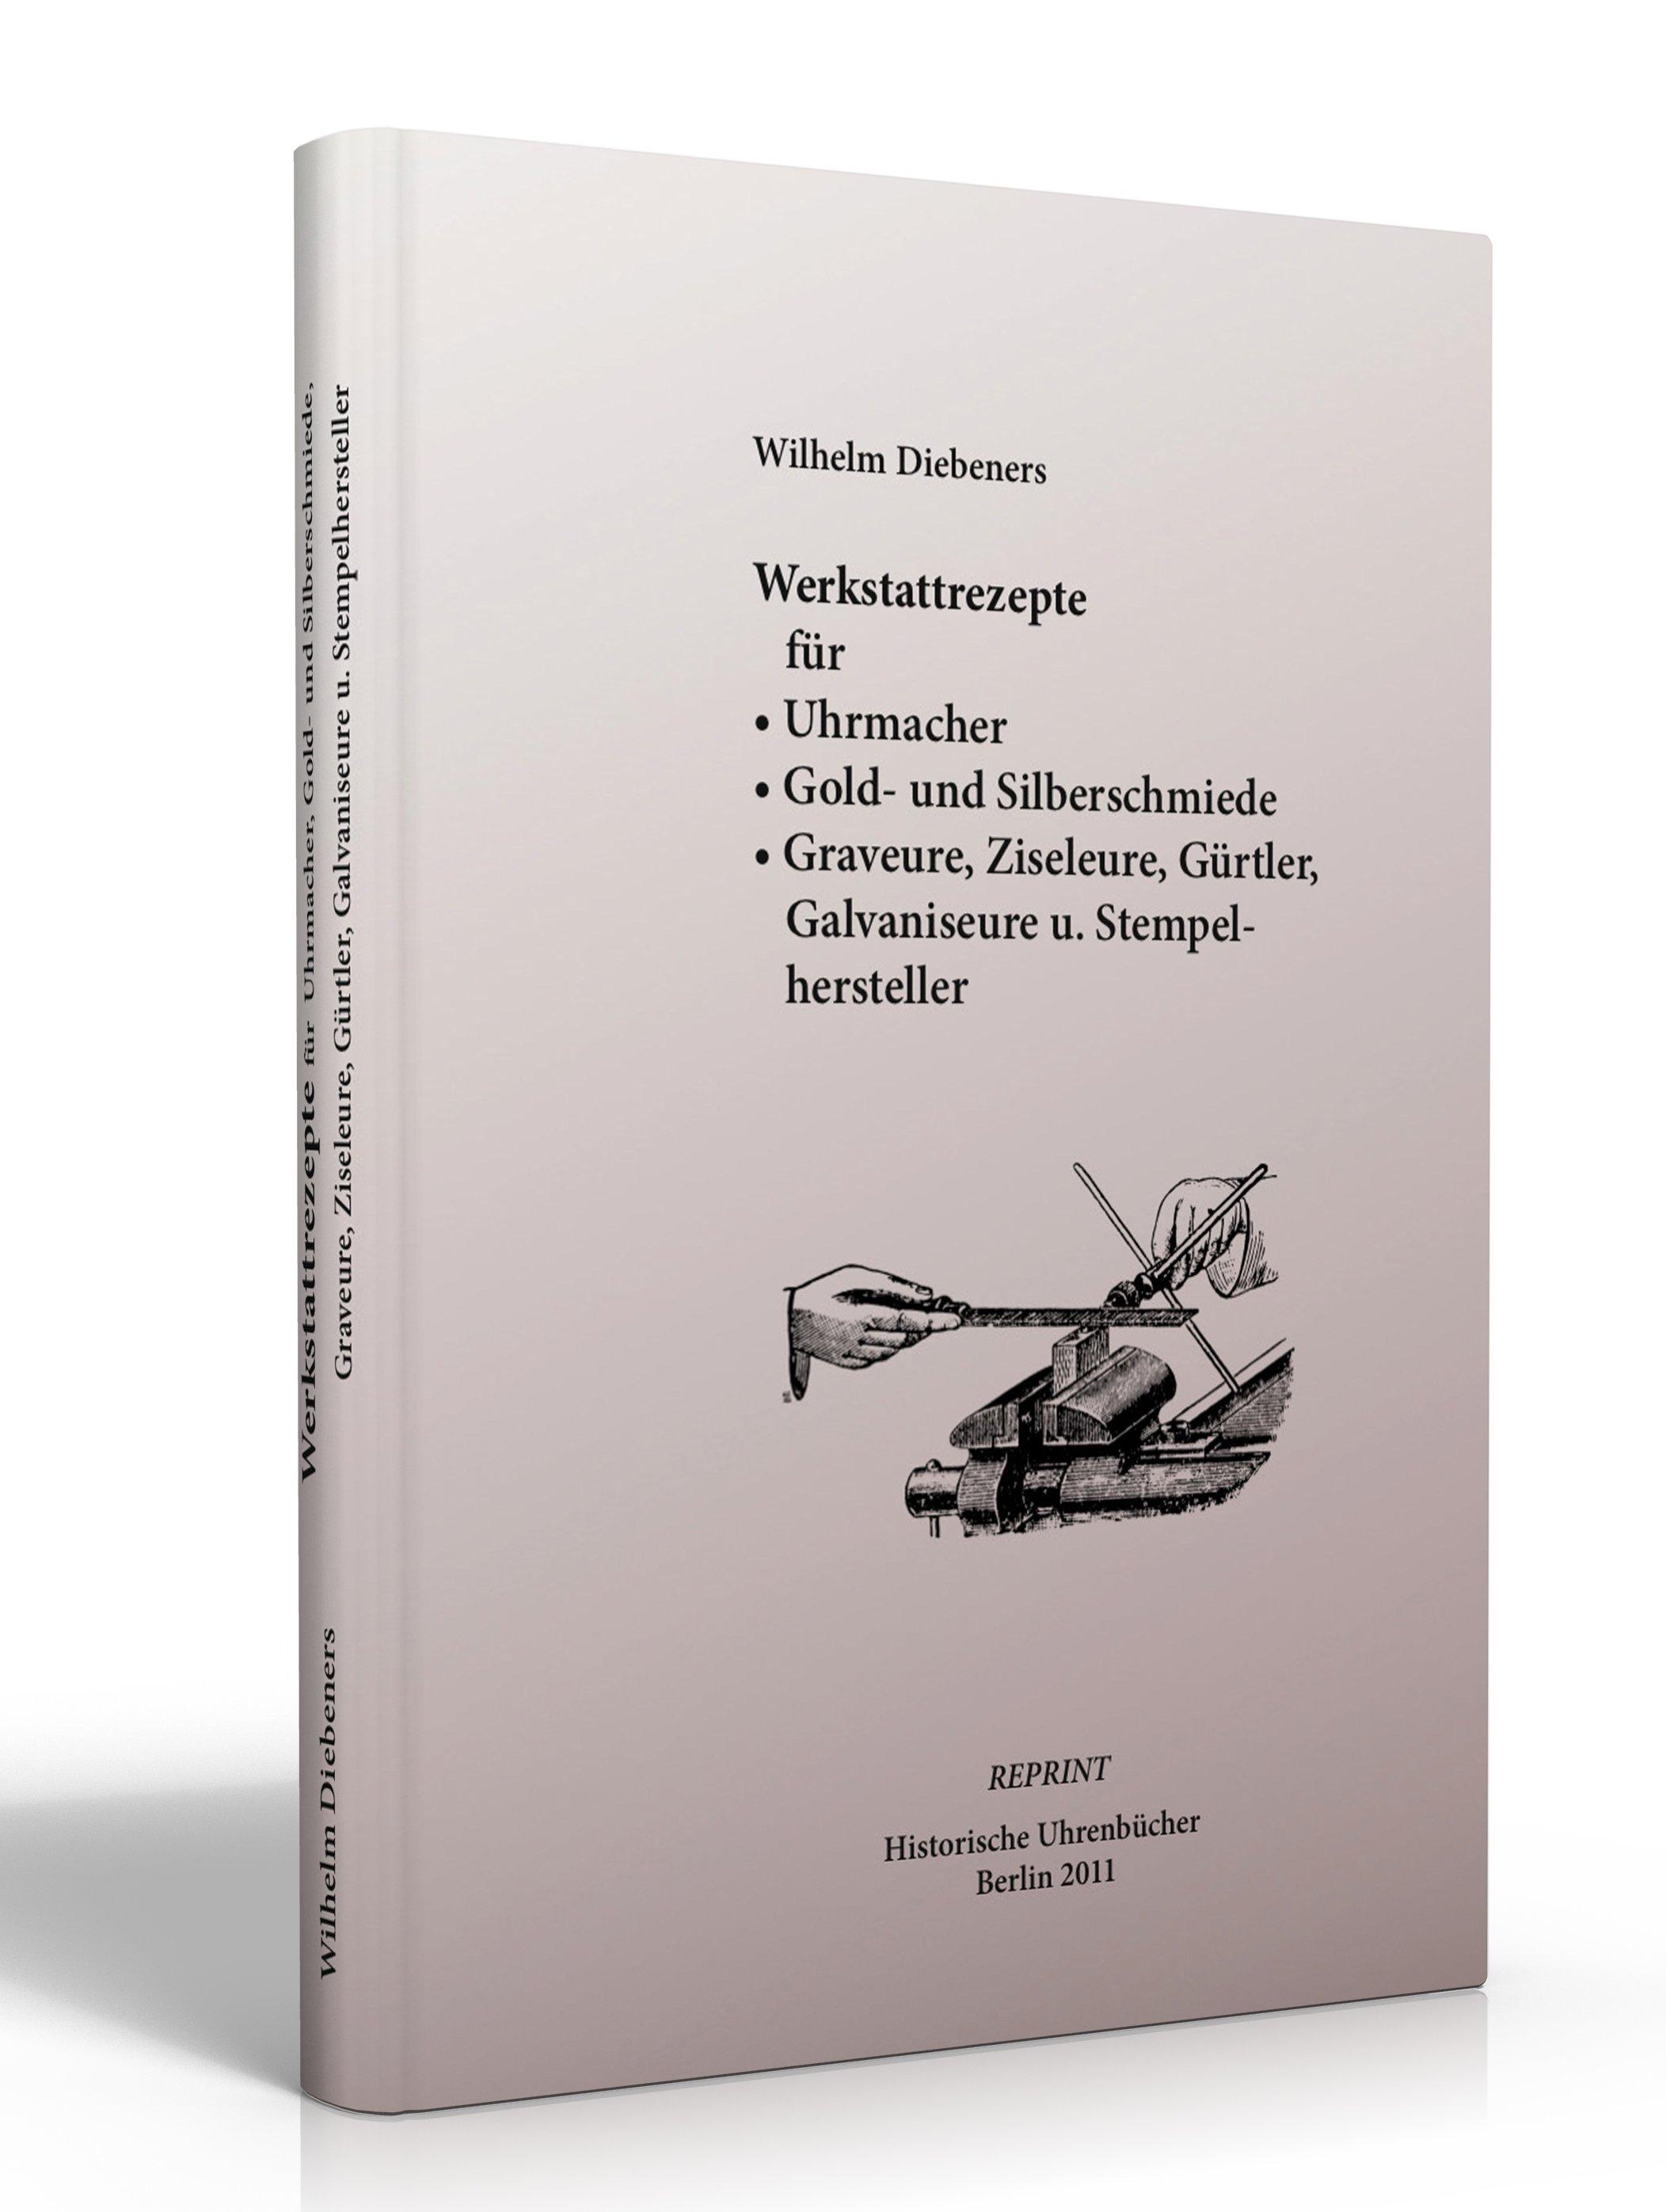 Boek: Diebeners Werkstattrezepte